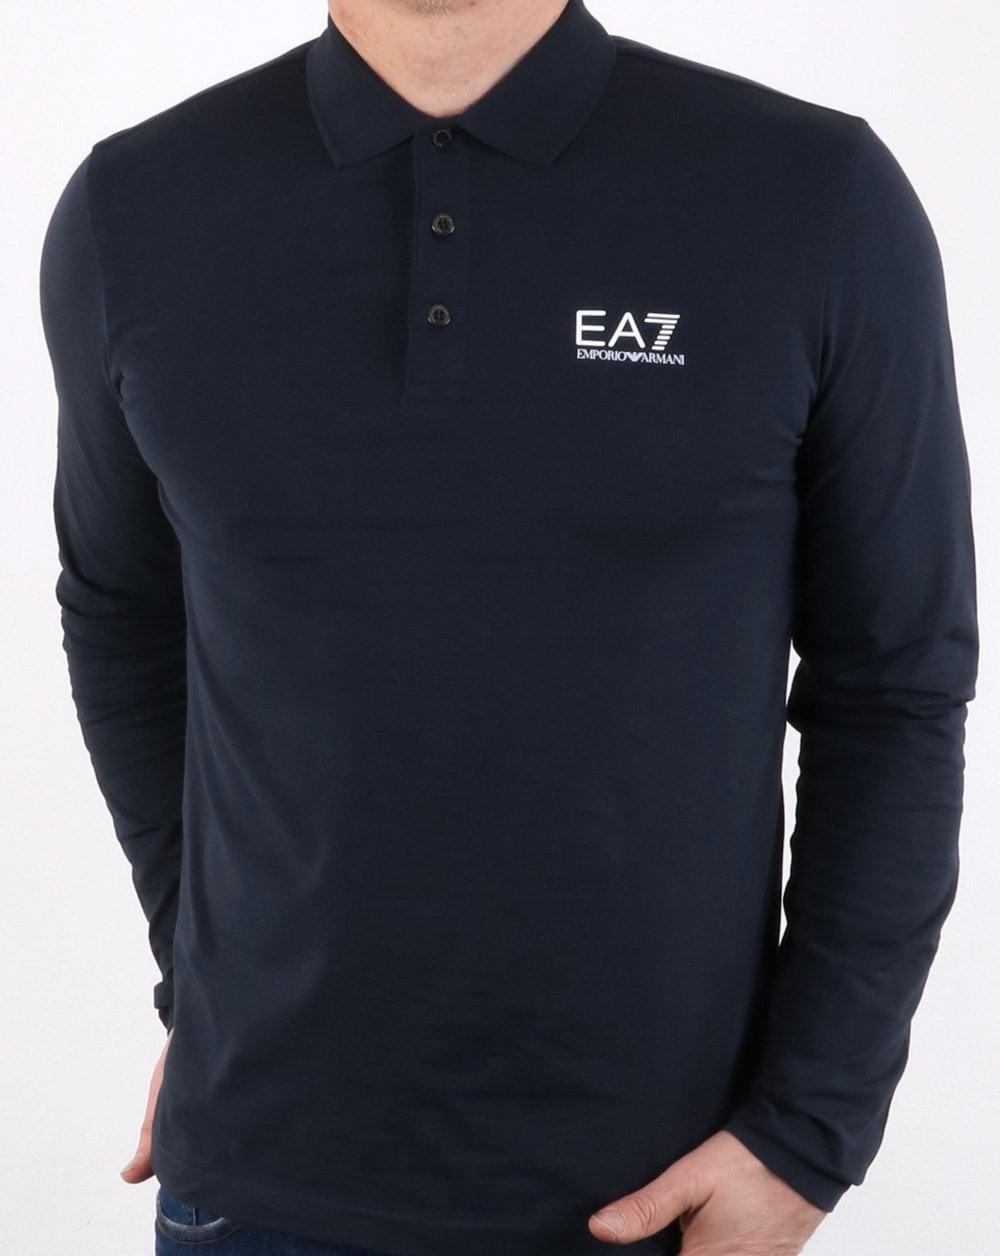 2a51f991cfe8 Emporio Armani EA7 Emporio Armani EA7 Long Sleeve Polo Shirt Navy